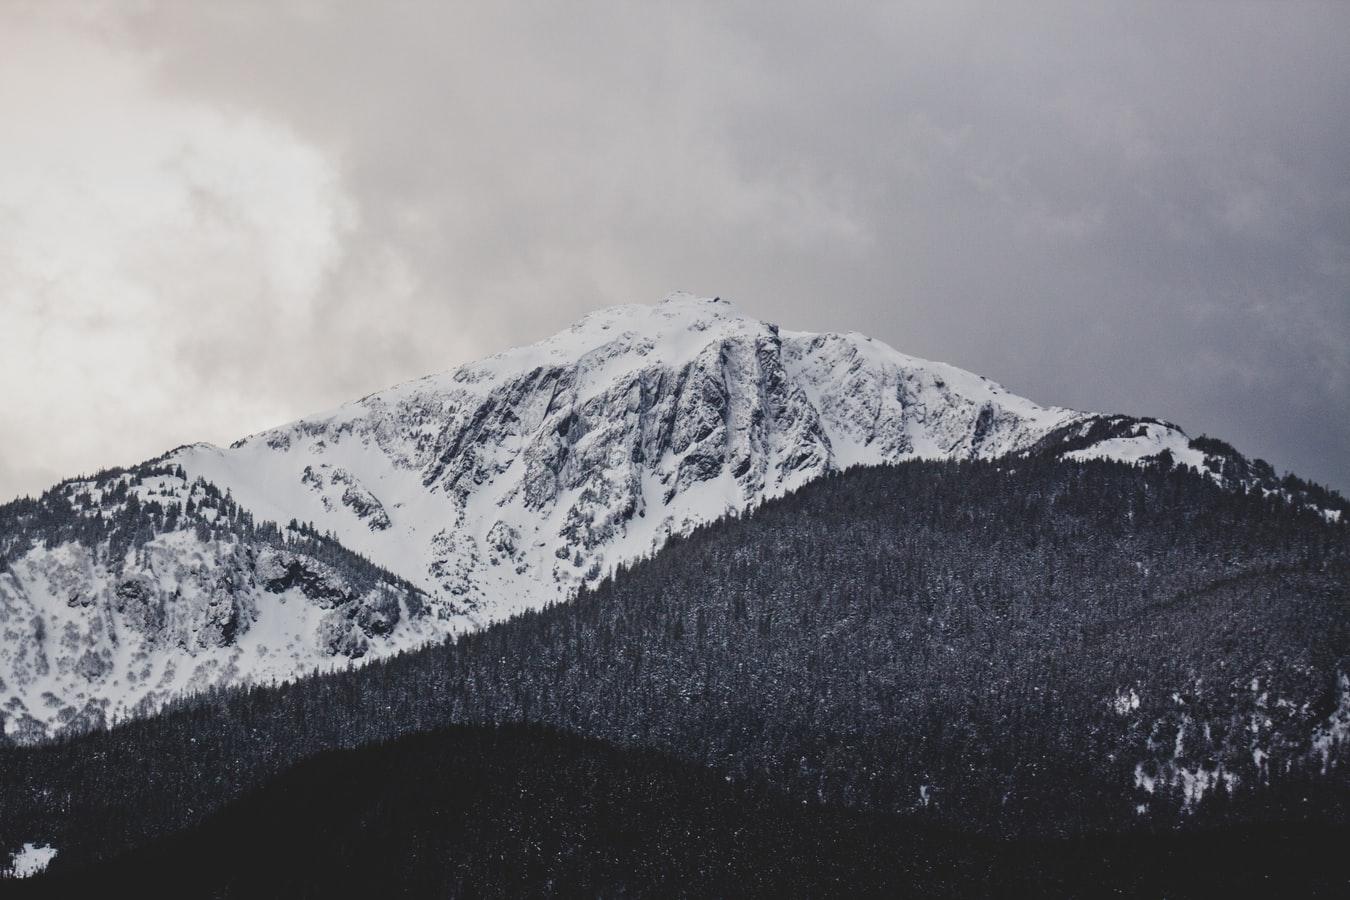 Verenigde-staten-alaska-juneau-bergen-sneeuw